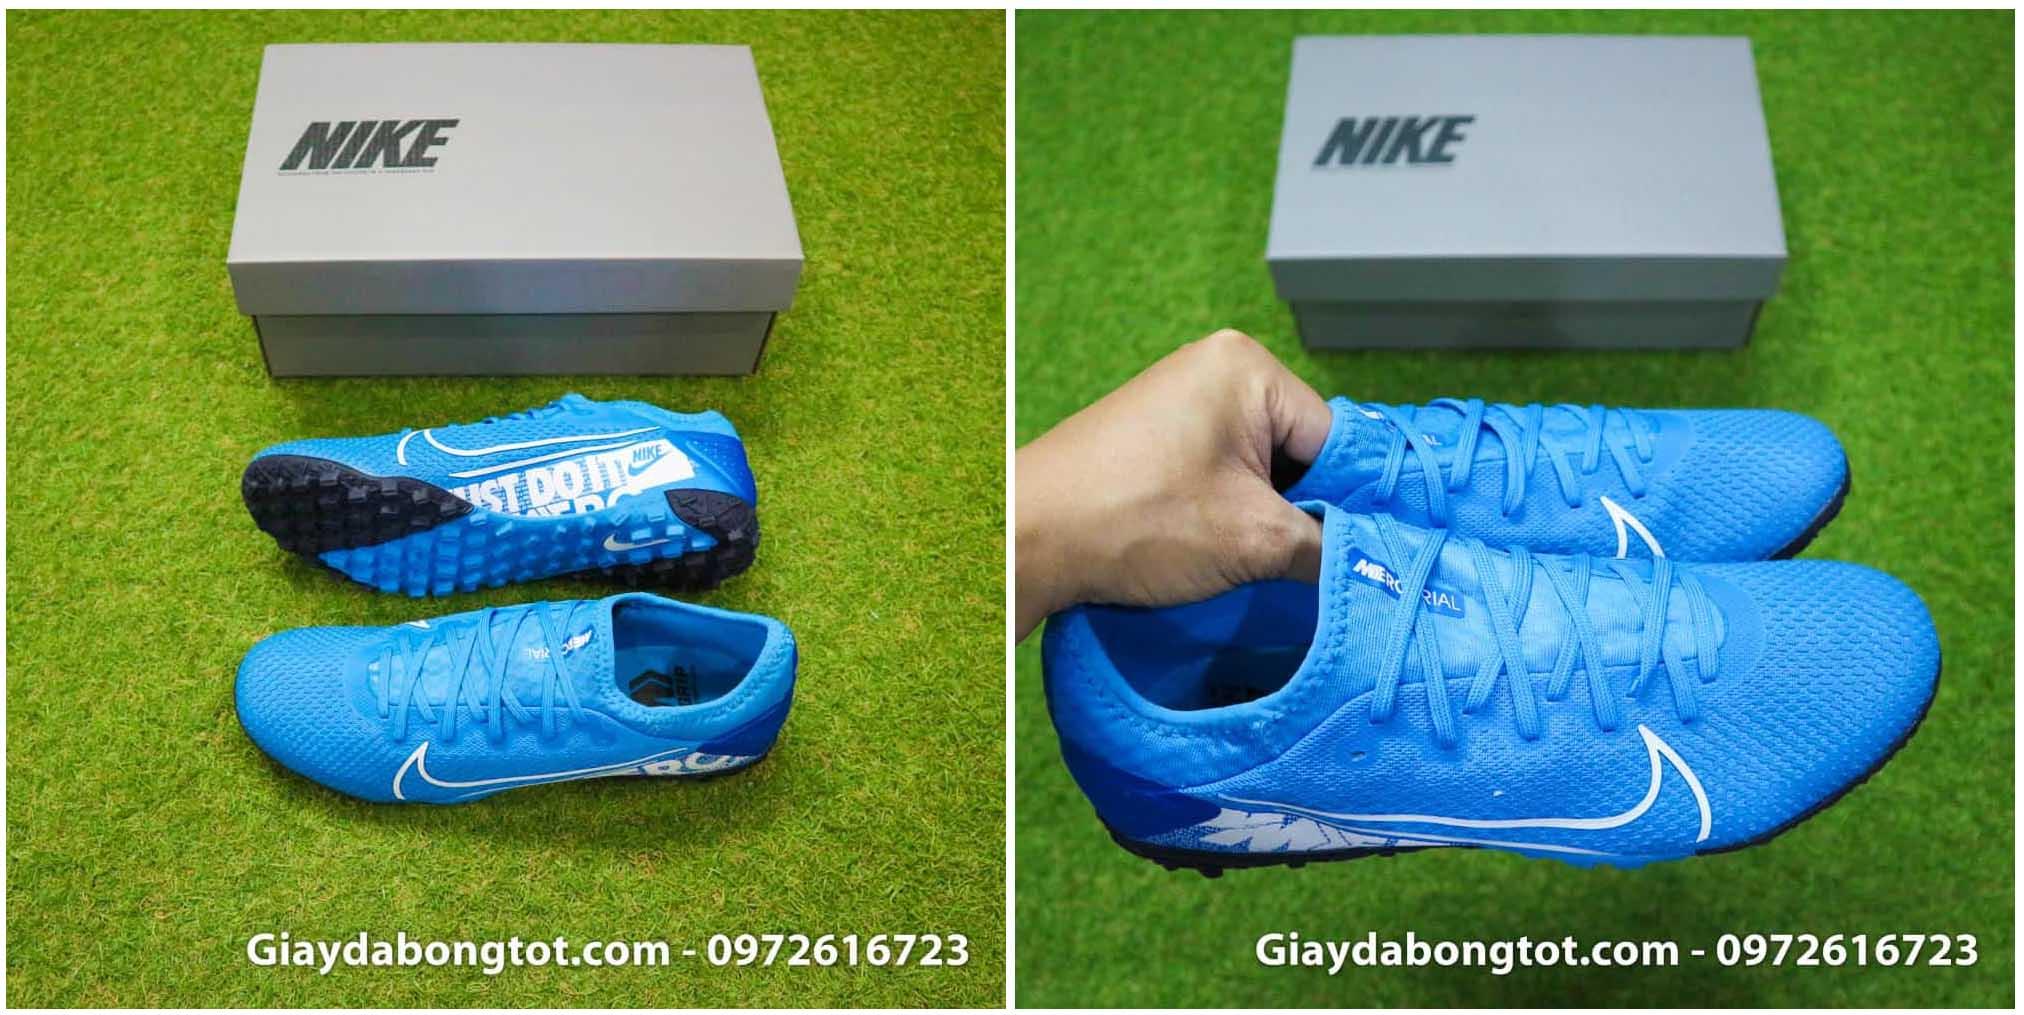 Giày bóng đá sân cỏ nhân tạo Nike da vải có độ bền rất cao